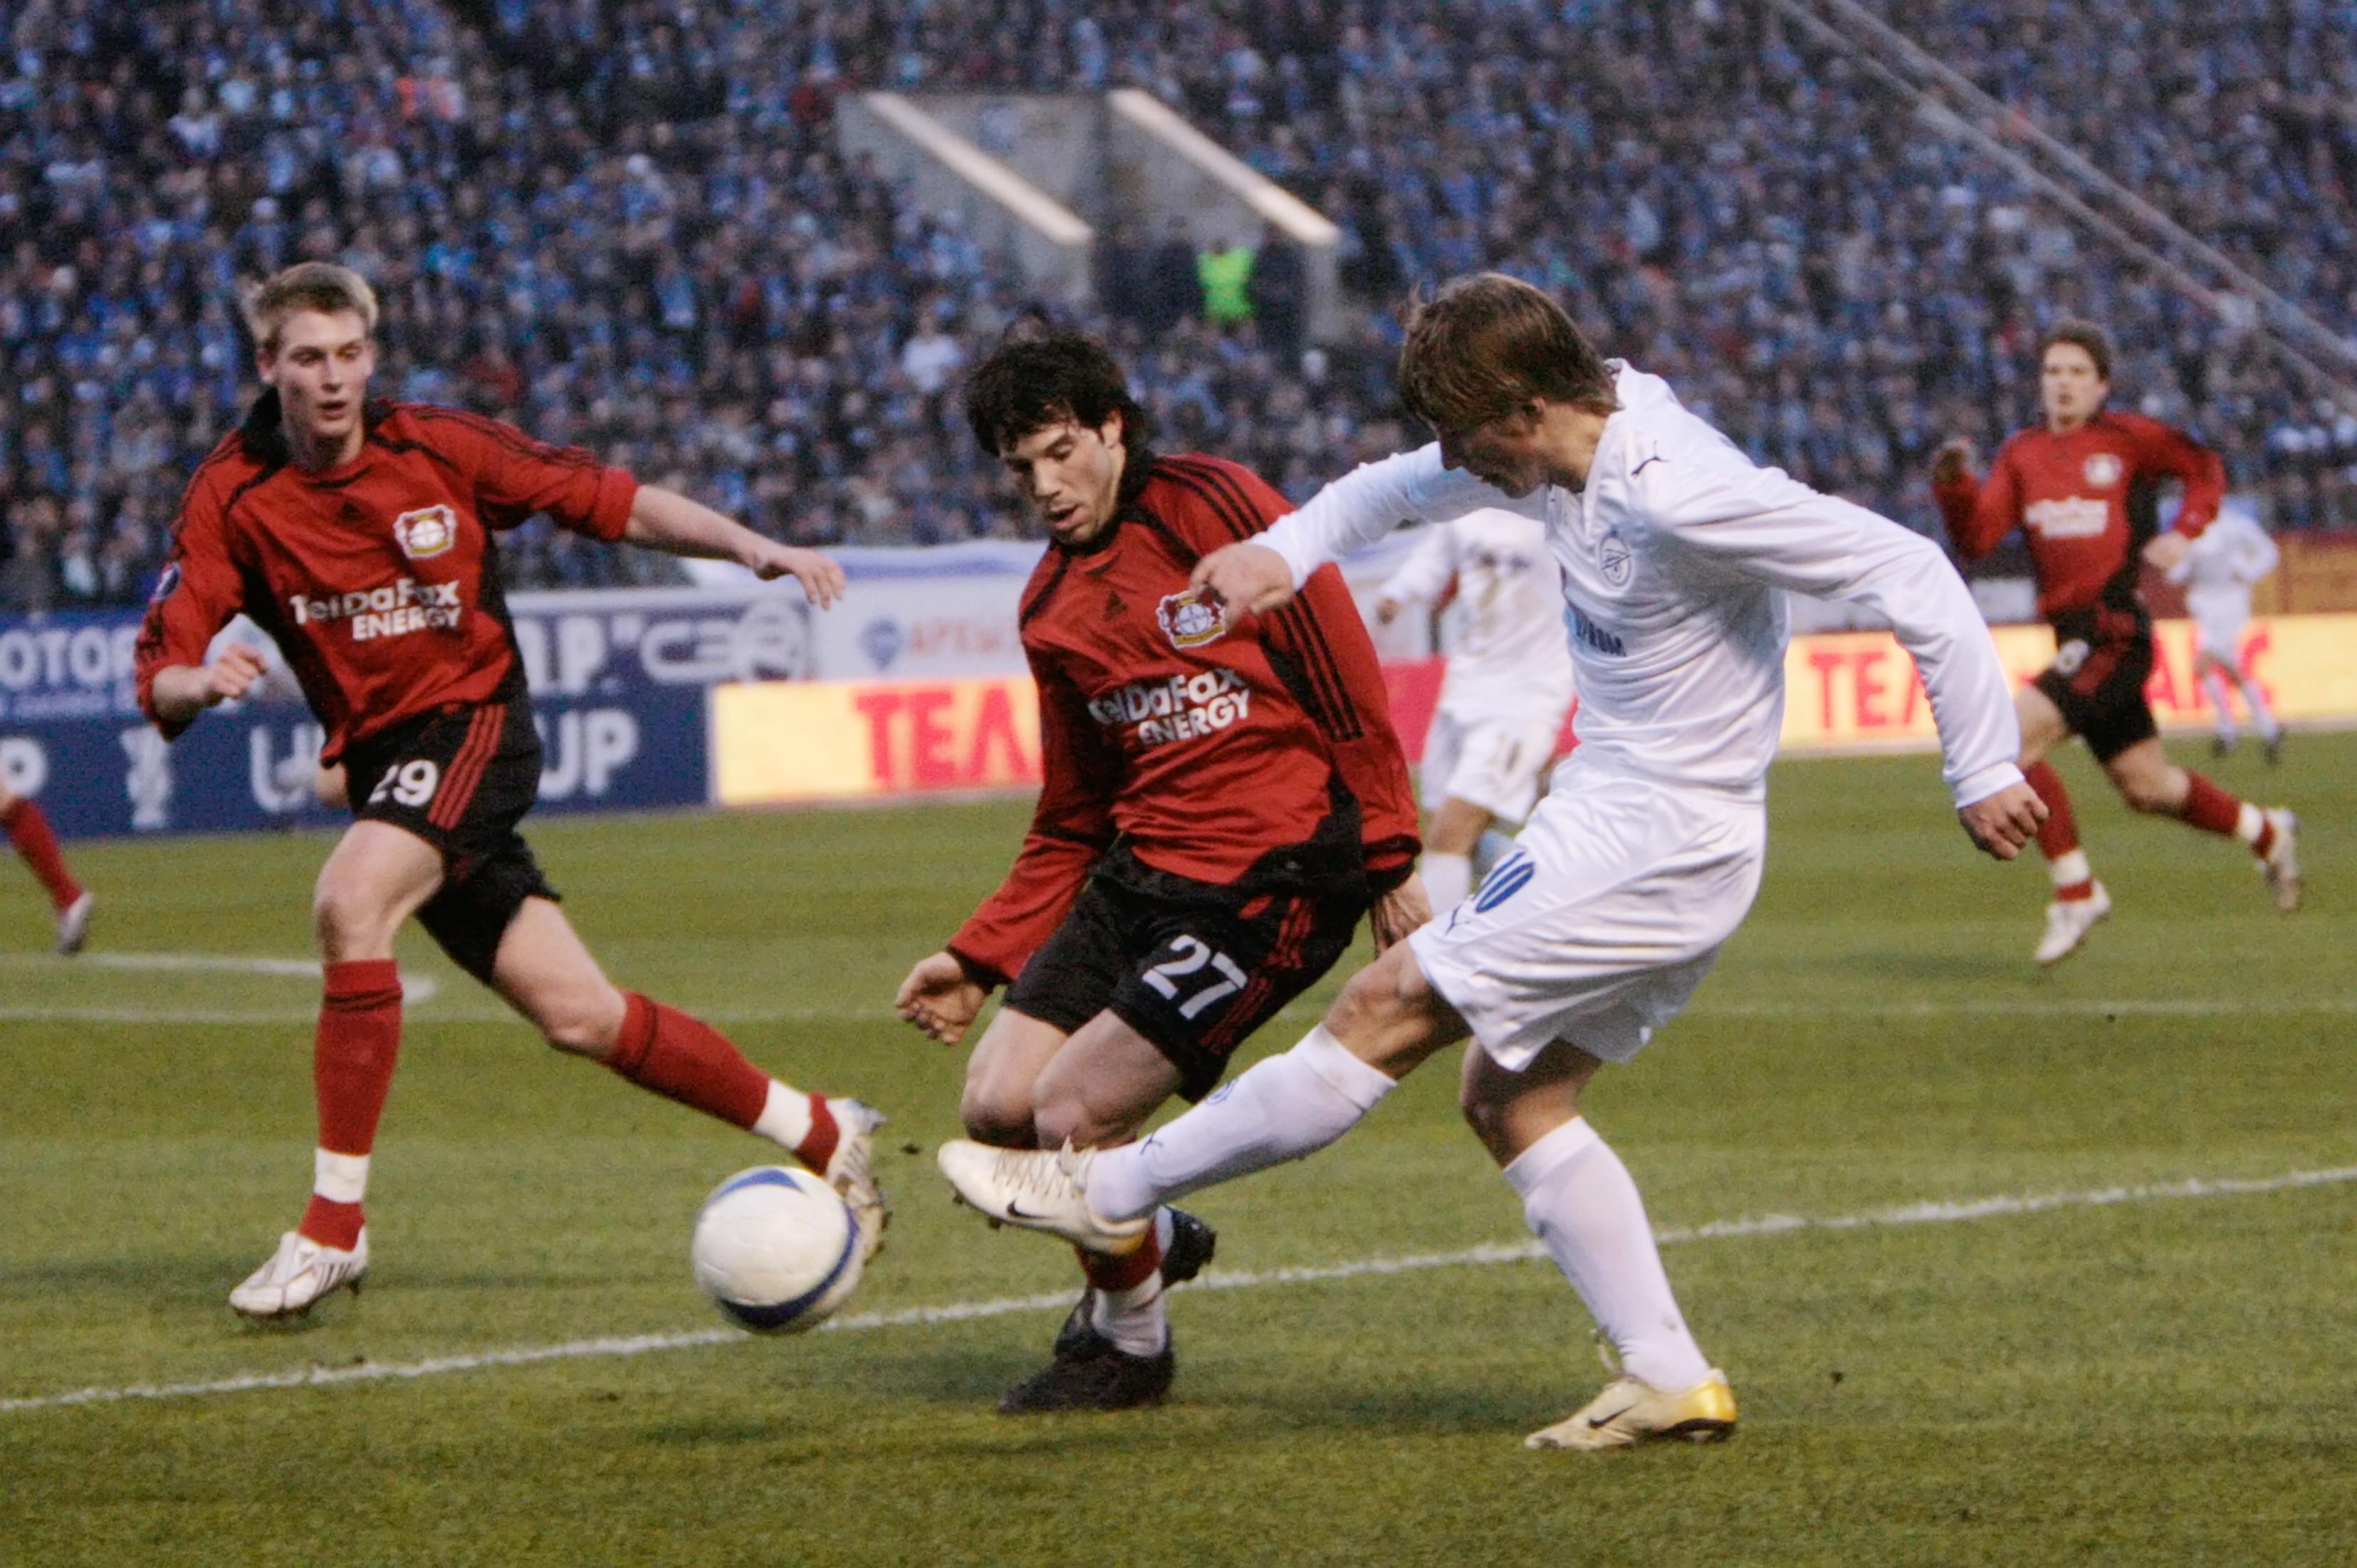 """Аршавин против """"Байера"""" в 2008 году. Фото: © РИА Новости/Алексей Даничев"""